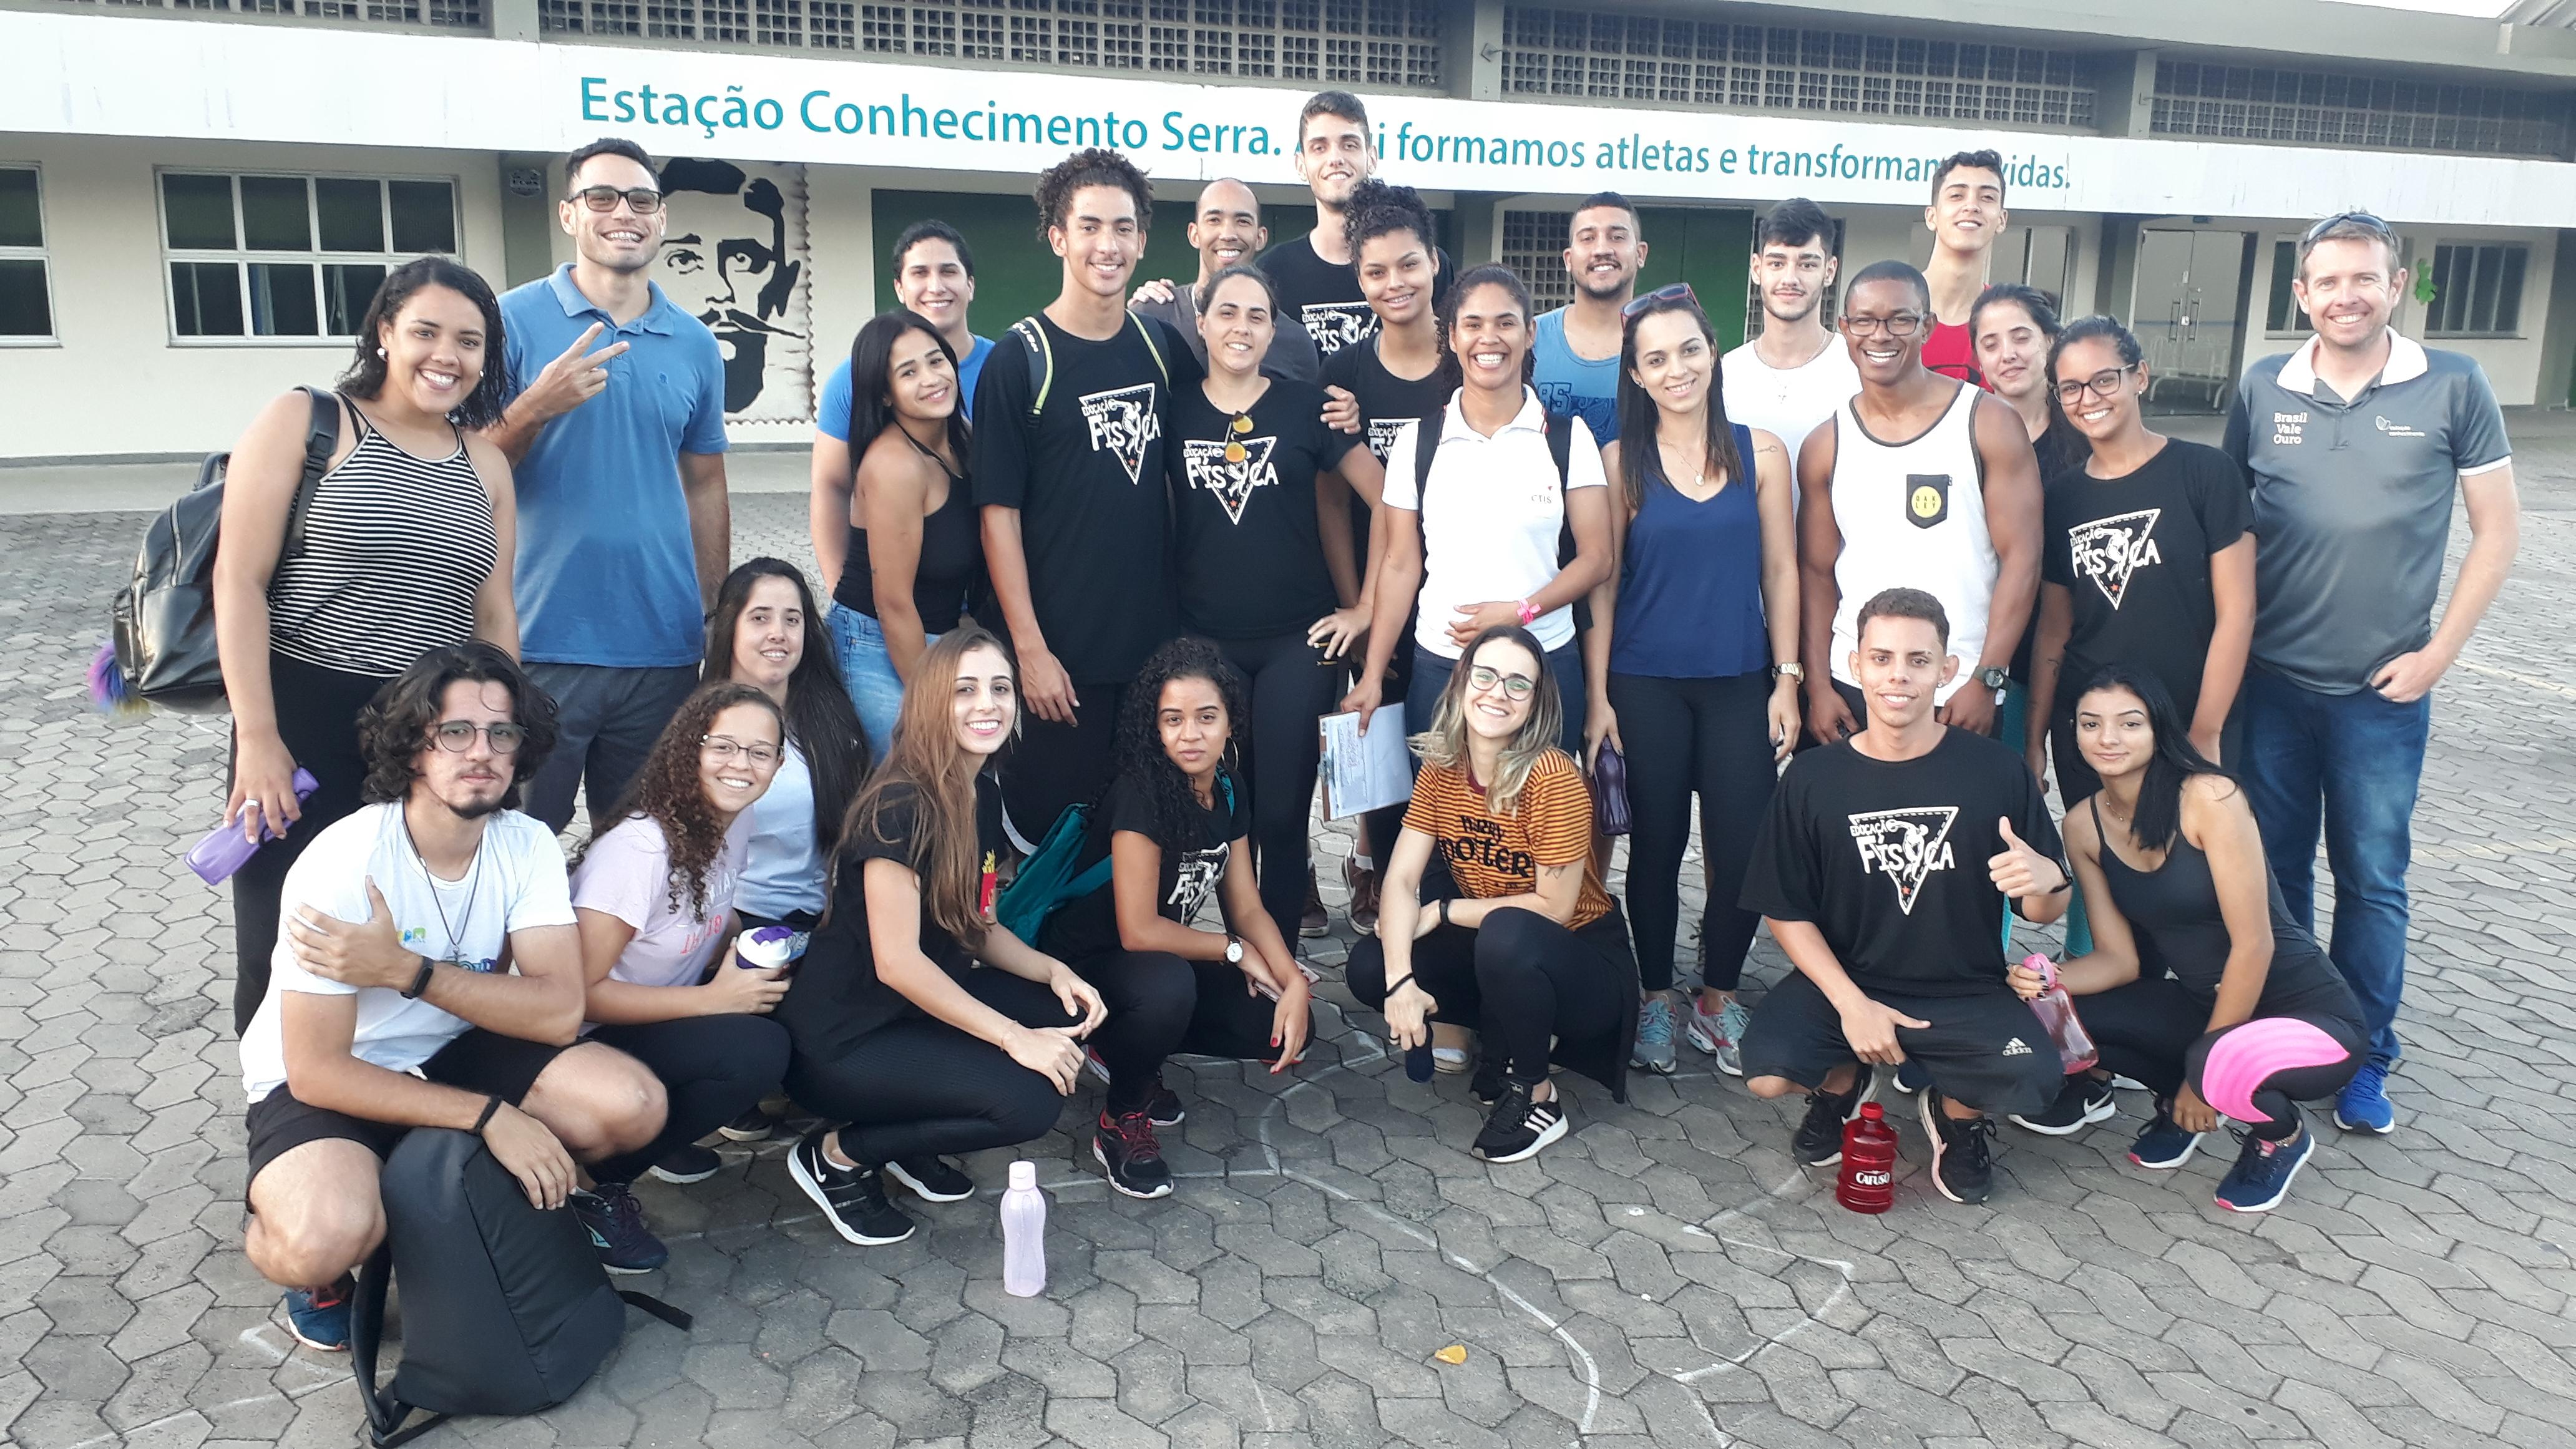 Alunos do Curso de Educação Física da Doctum de Serra visitam Estação Conhecimento